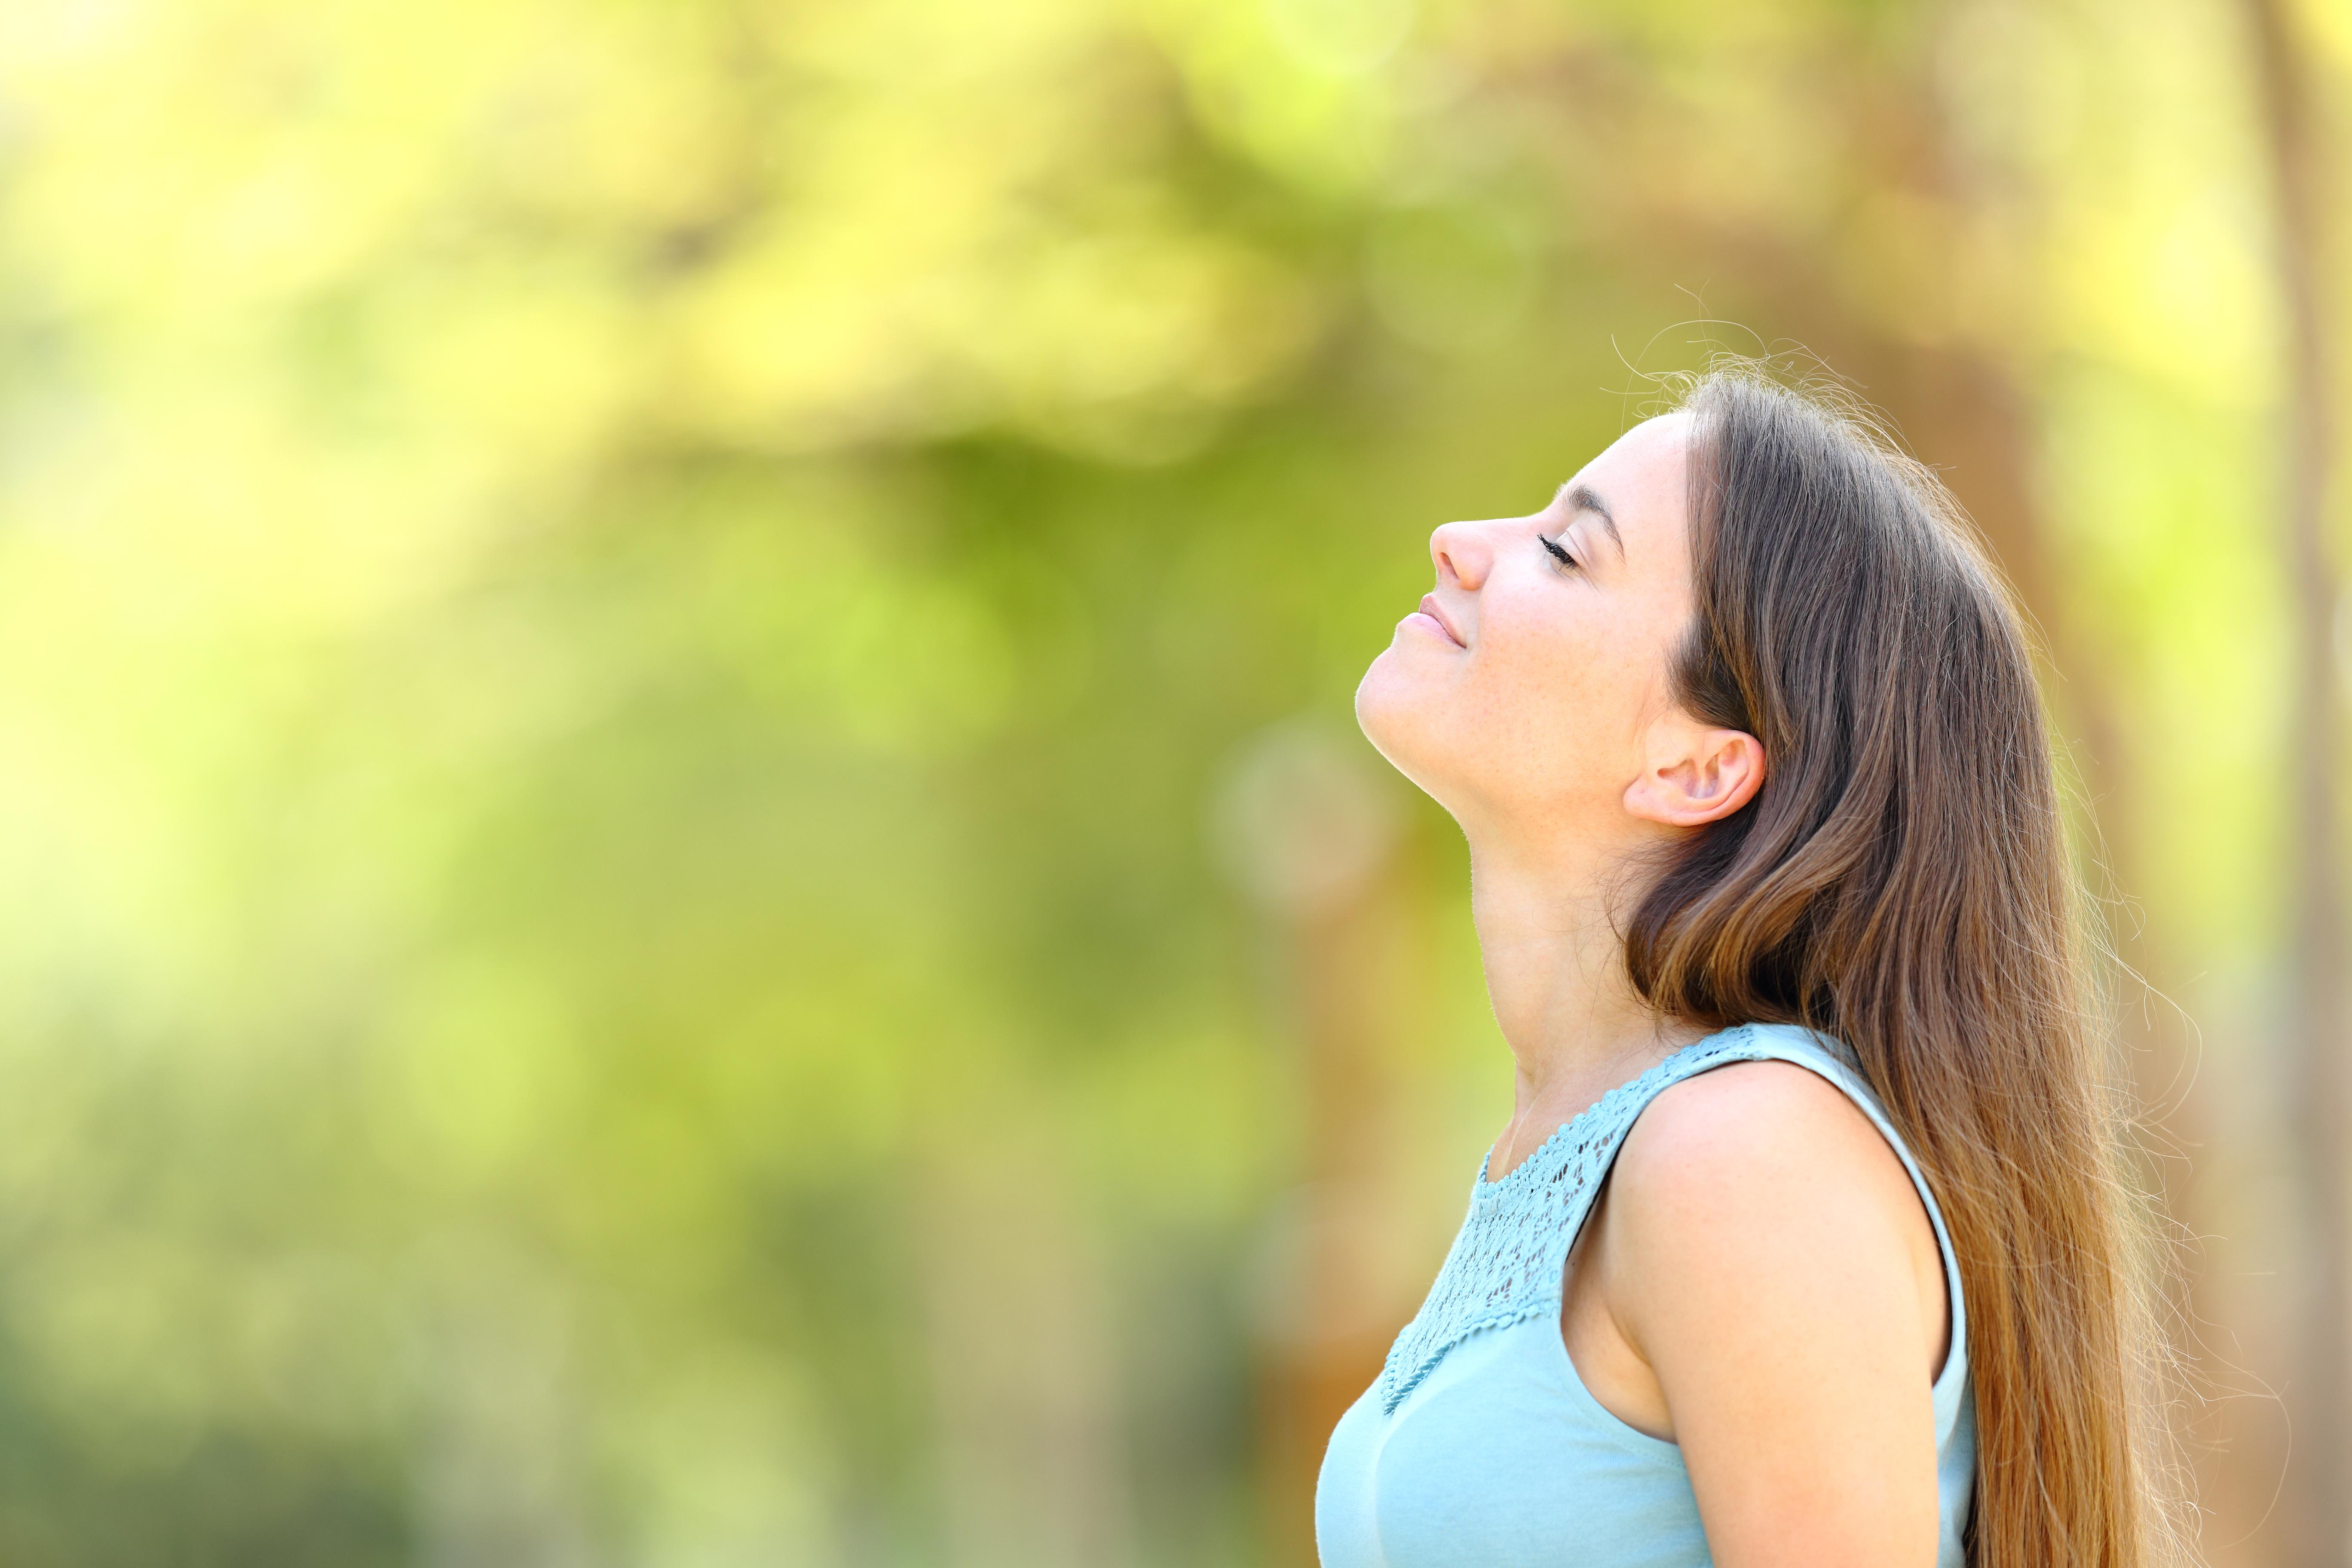 Frische Luft hilft gegen Stress